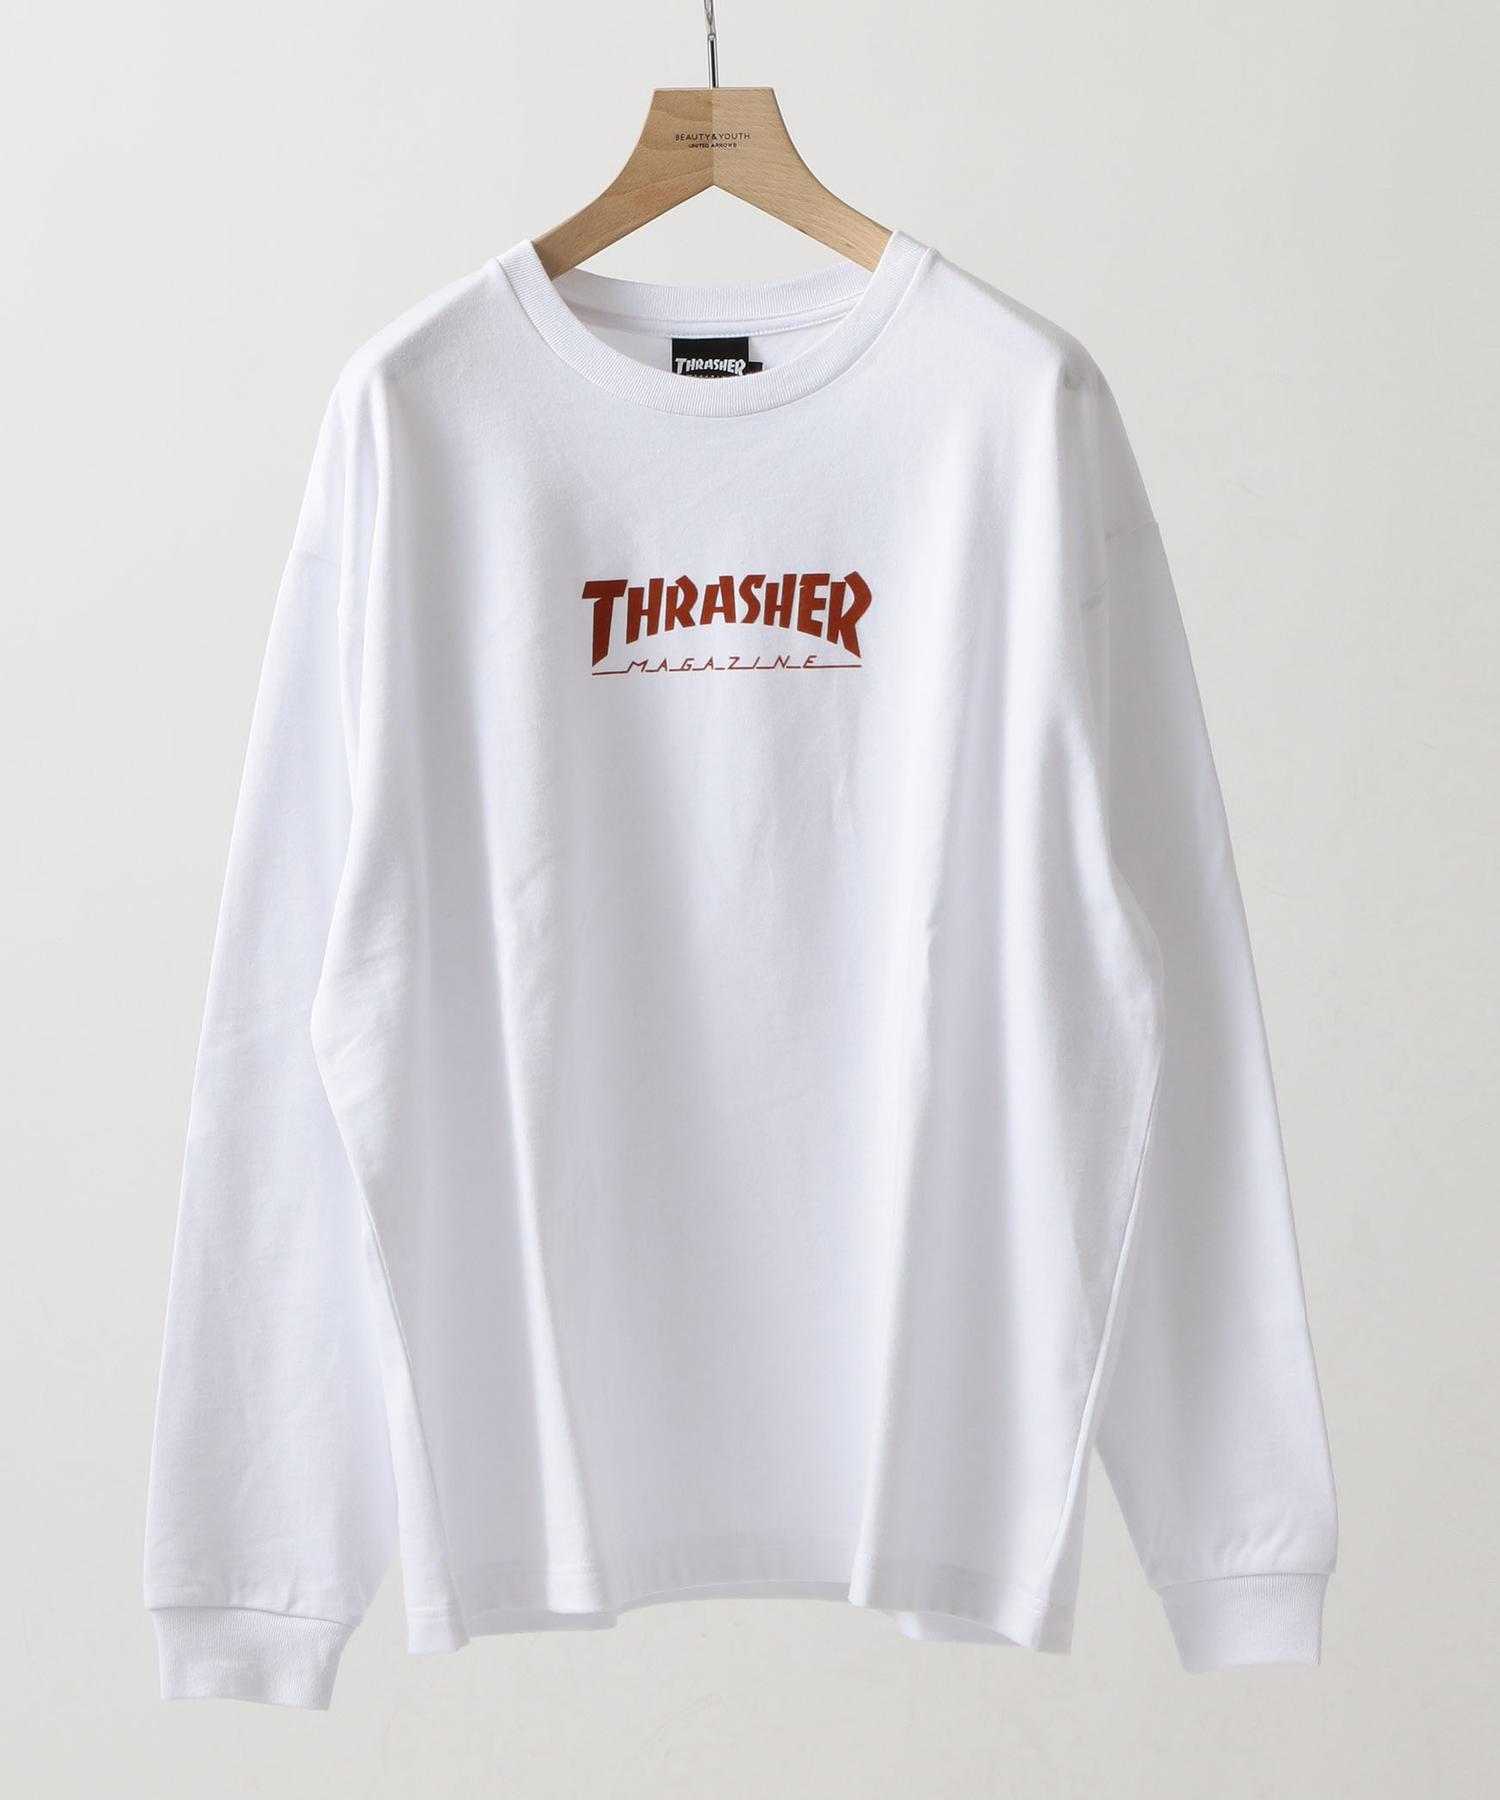 商品詳細 別注 thrasher long sleeve tee tシャツ